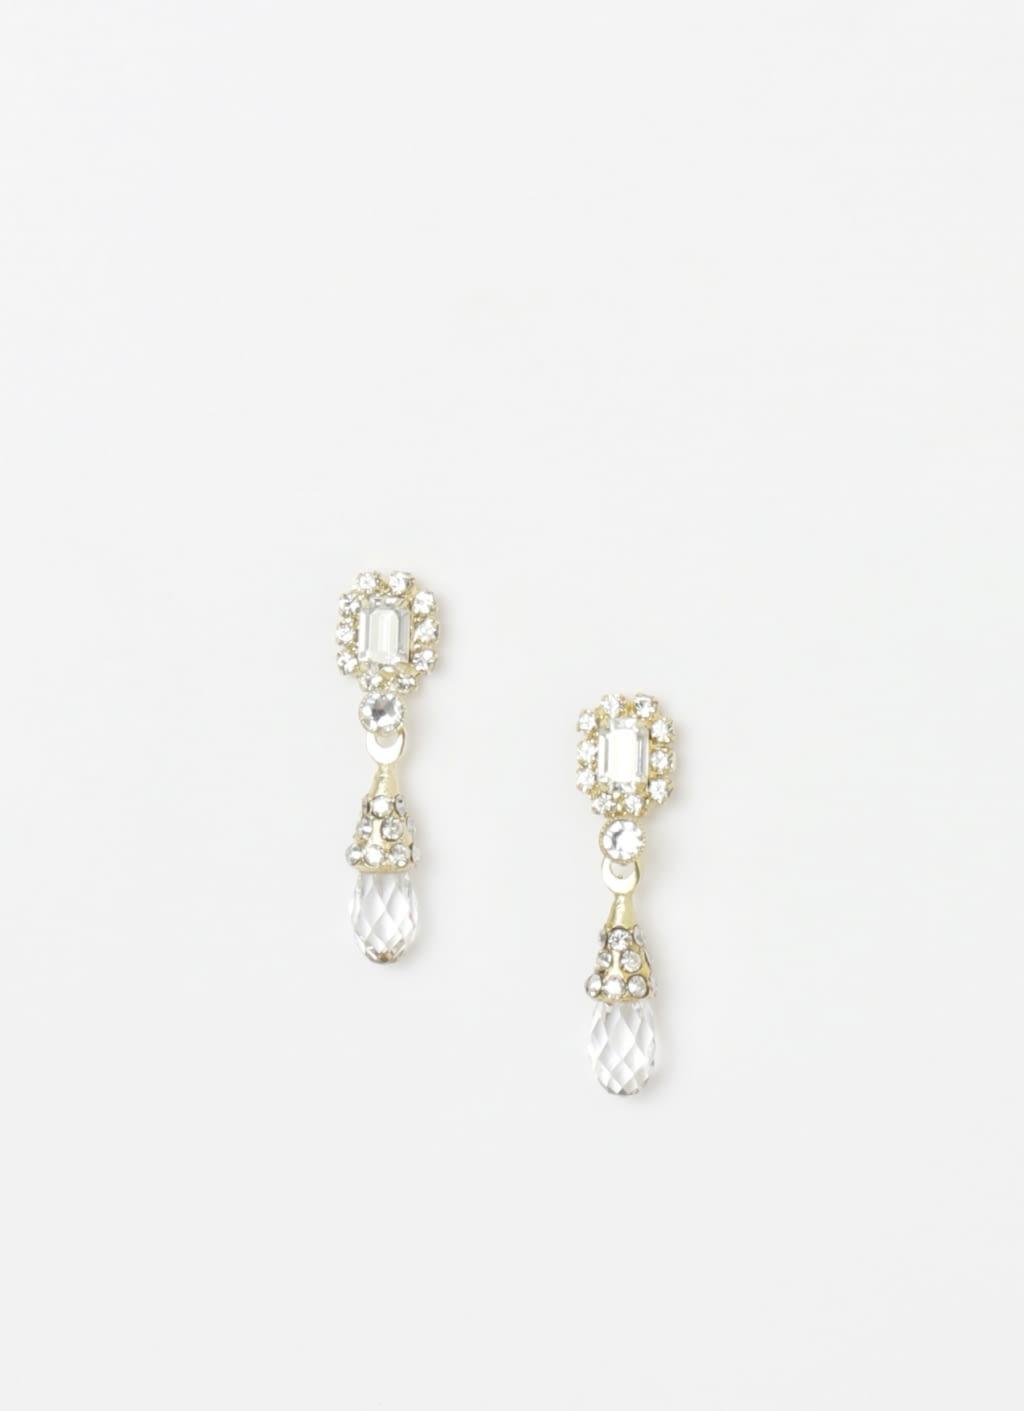 Buy Original EPAJewel Gold Small Sun Simple IV Earrings at ...